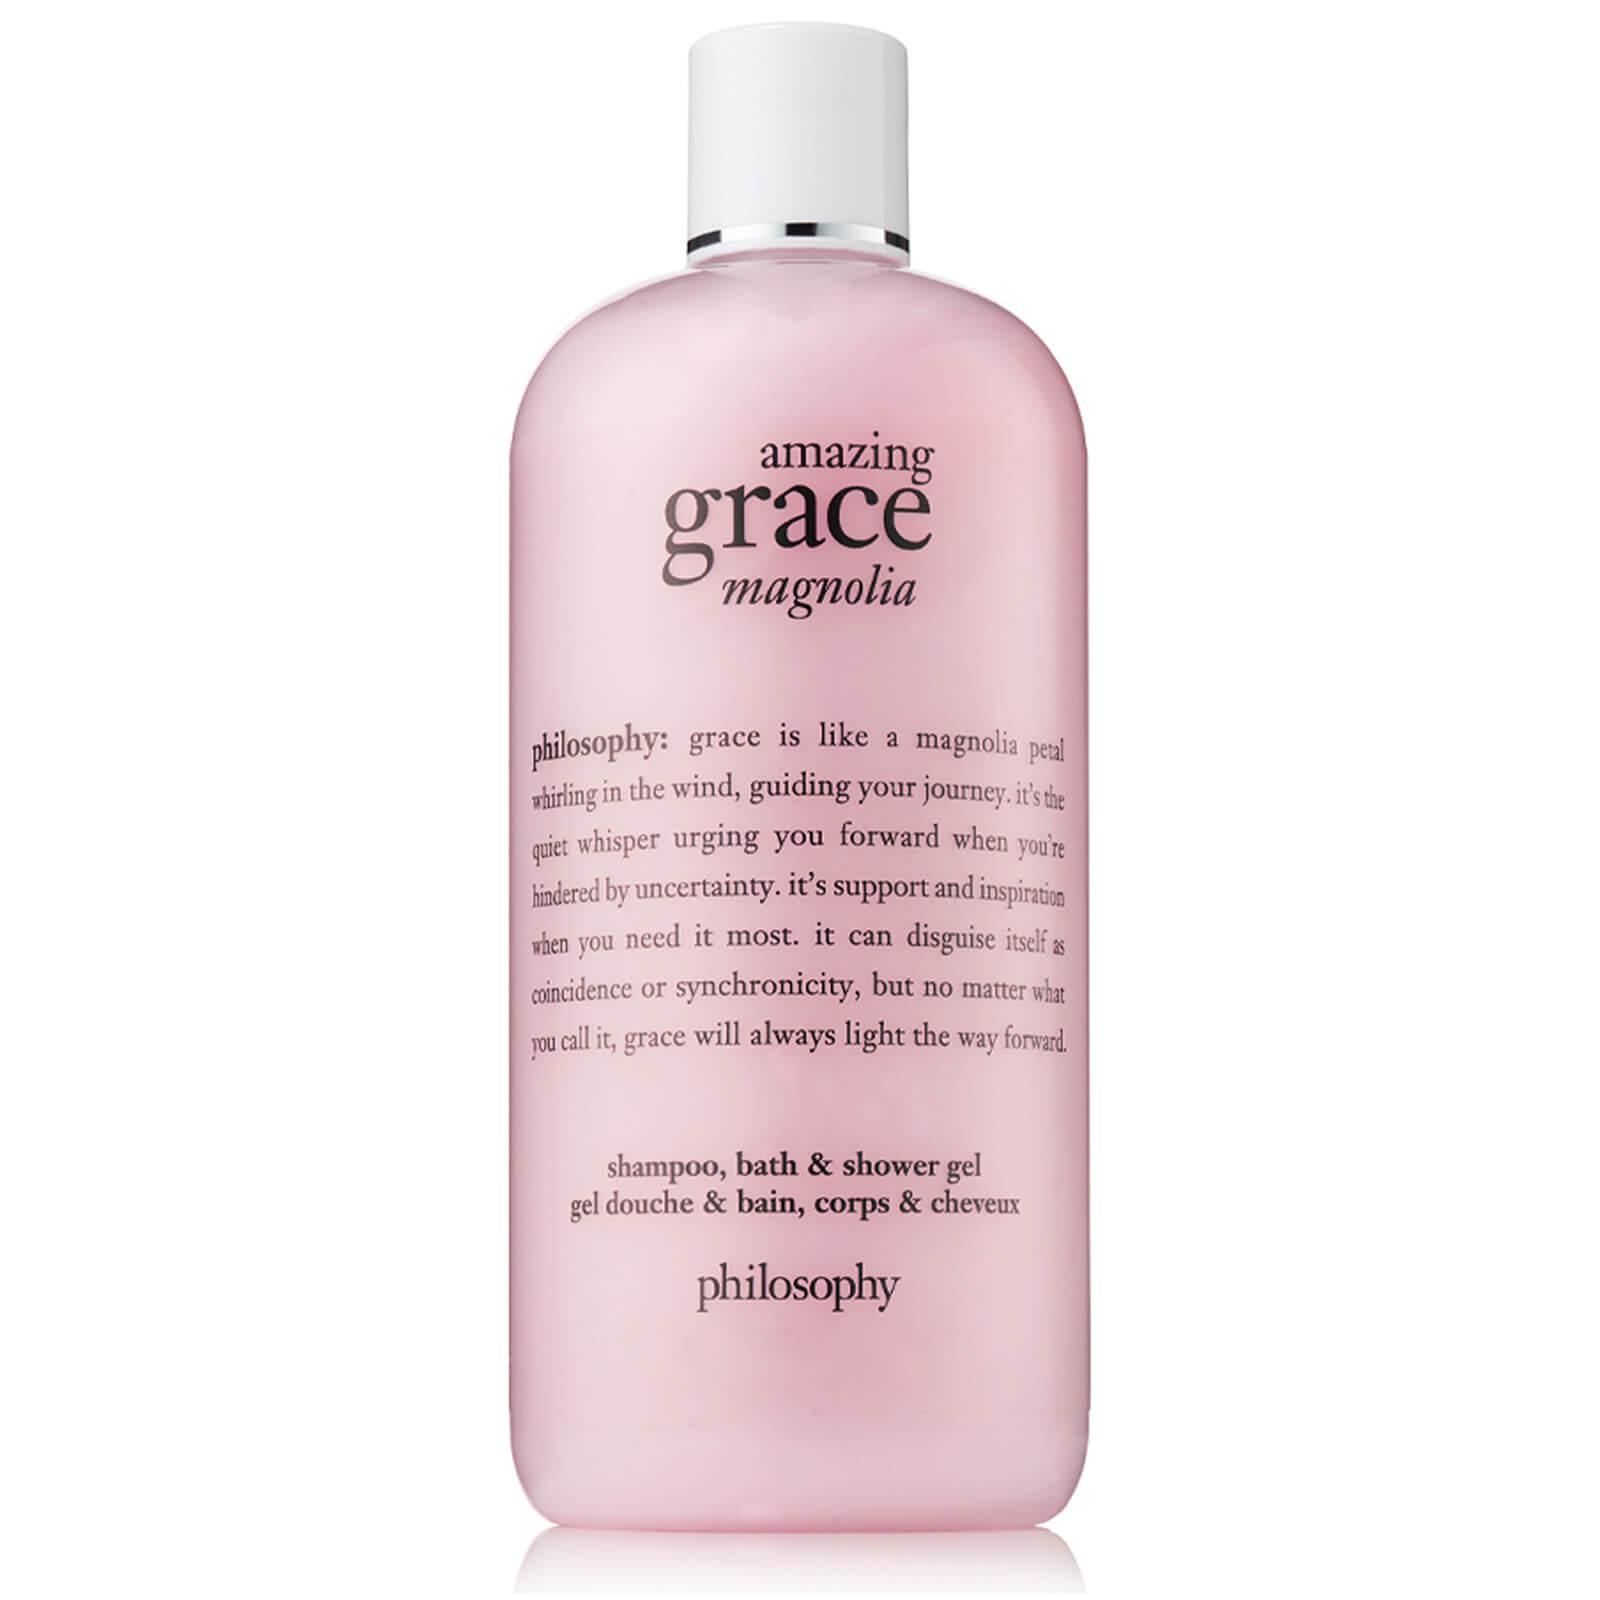 Купить Philosophy Amazing Grace Magnolia Shampoo, Bath & Shower Gel 480ml